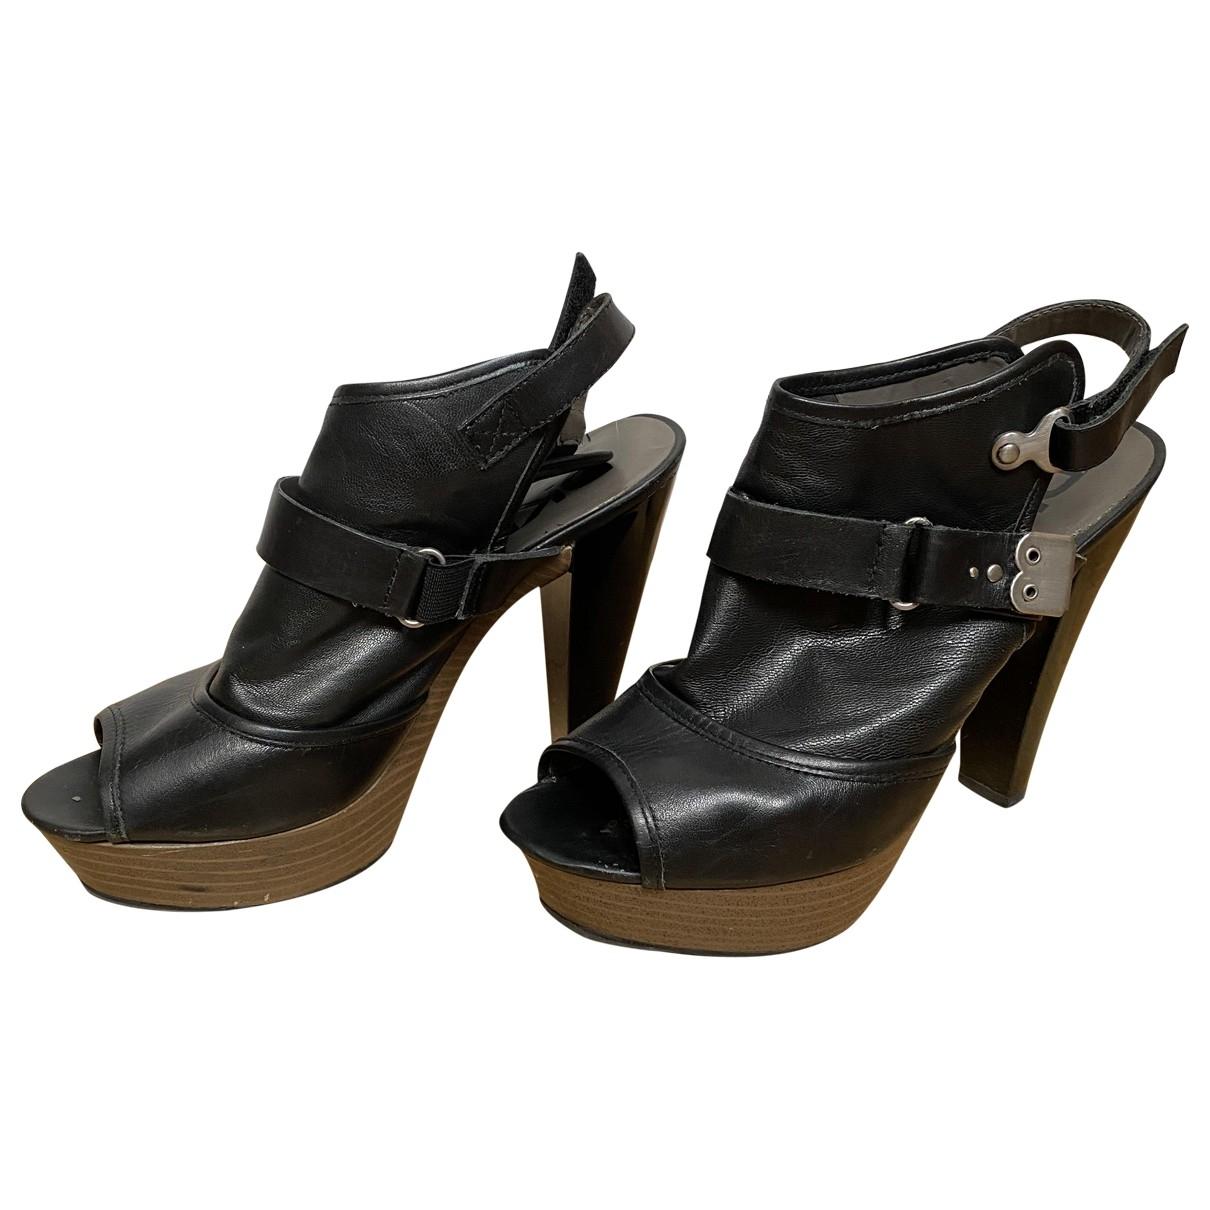 Dkny - Espadrilles   pour femme en cuir - noir